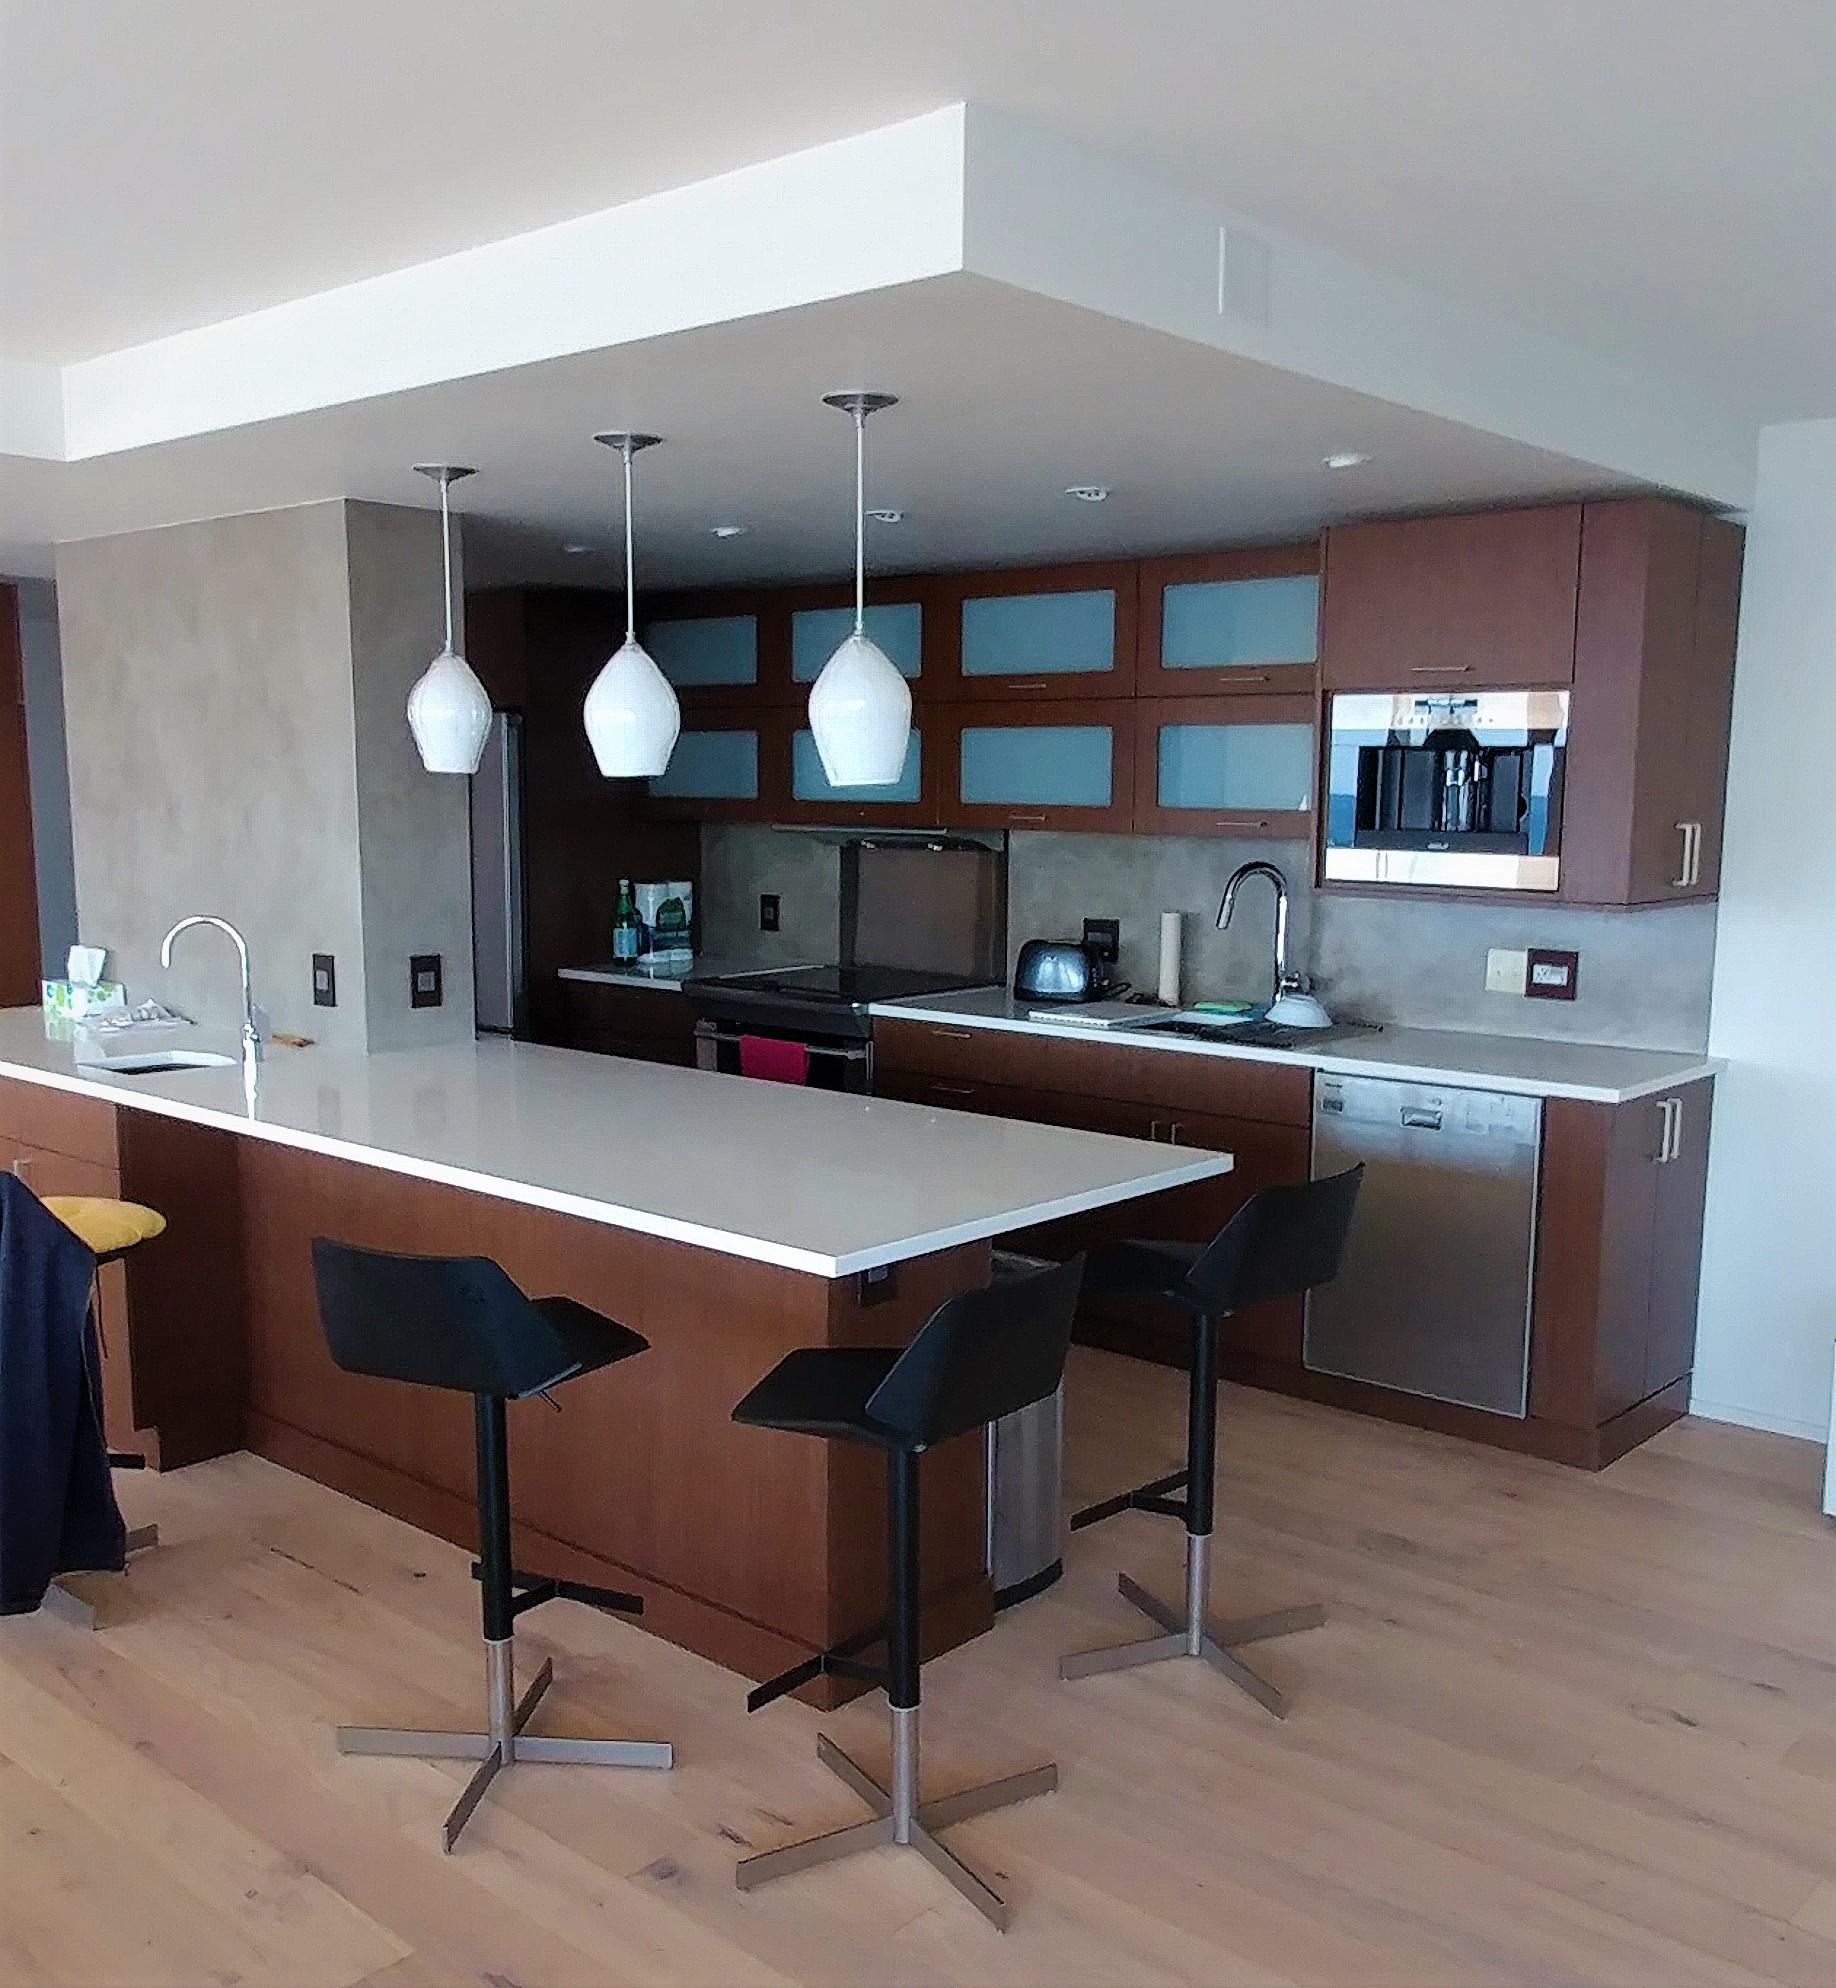 Genson kitchen.jpg